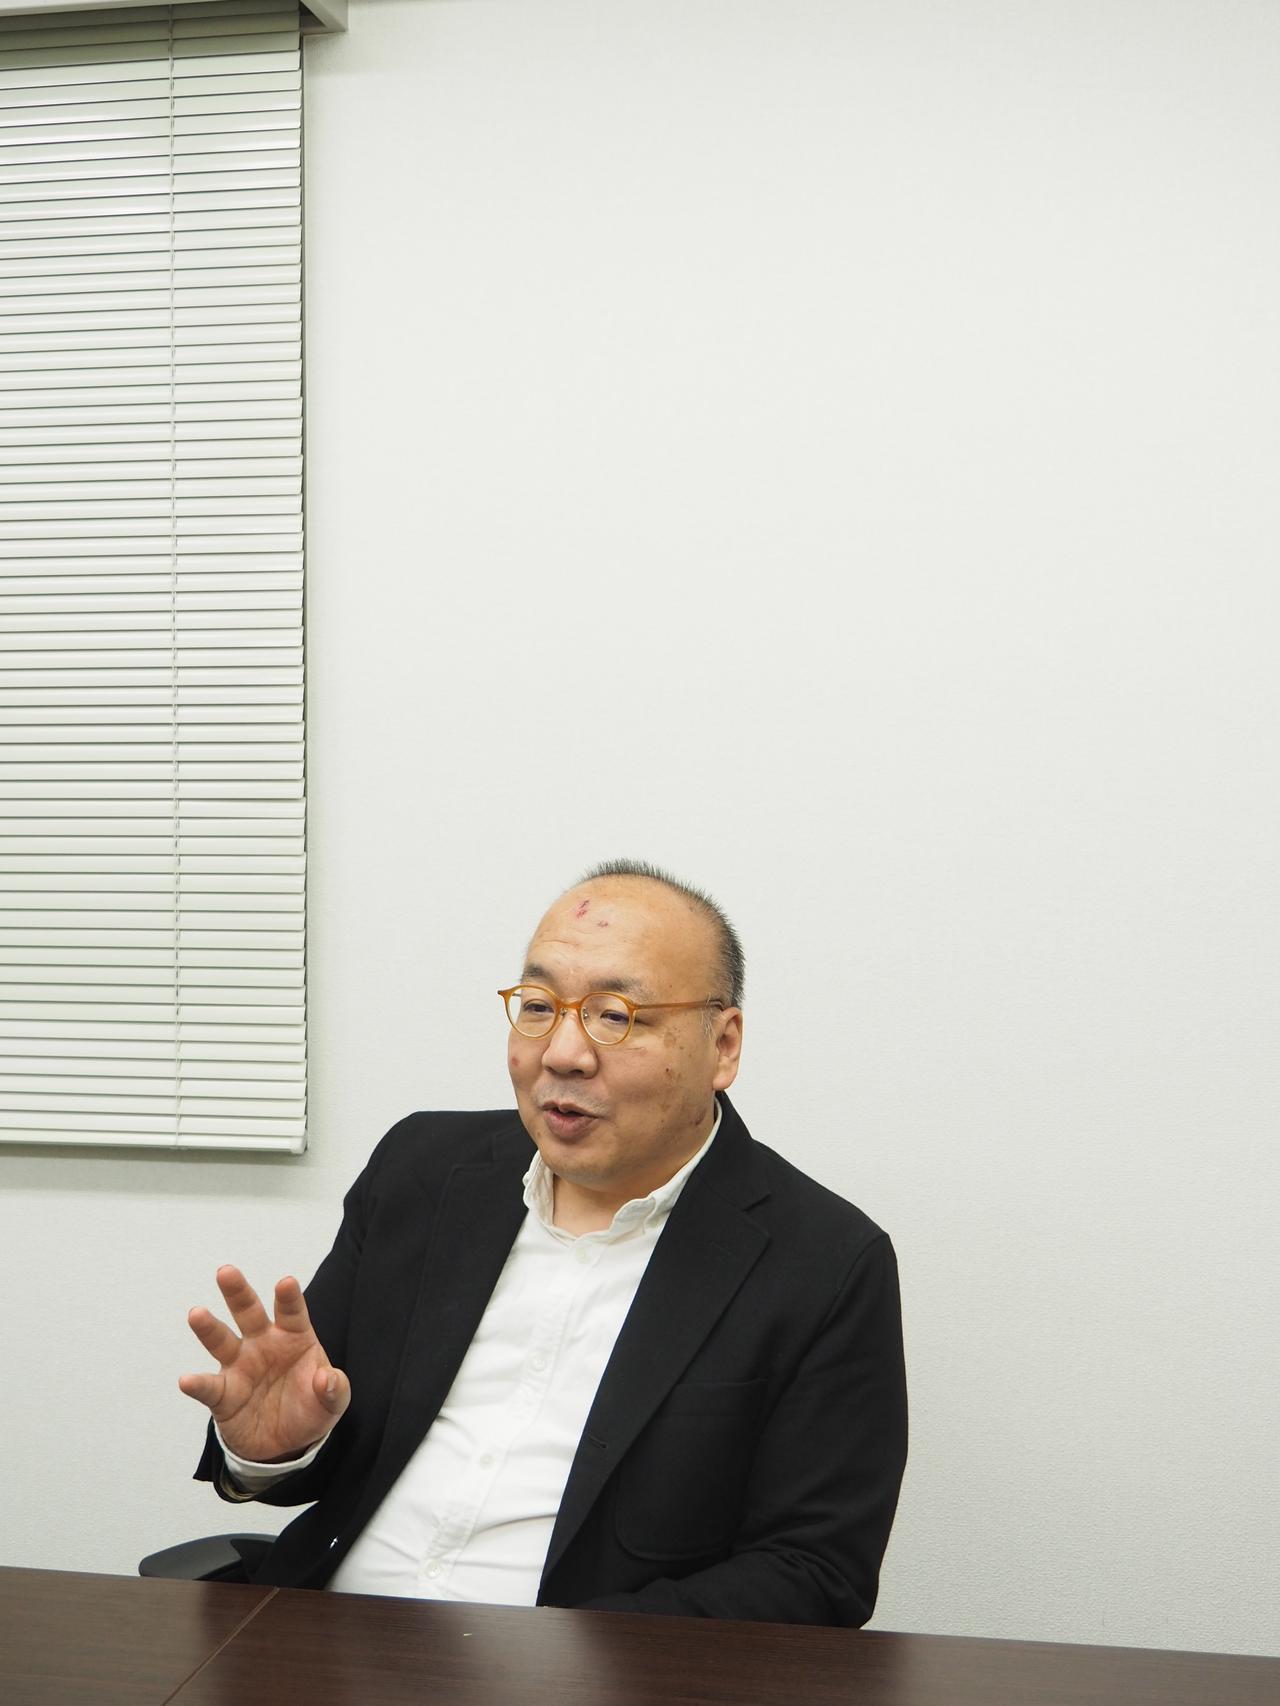 画像: 少子高齢化の日本。教育が進むべき道【後編】必要なのは教育現場の意識改革